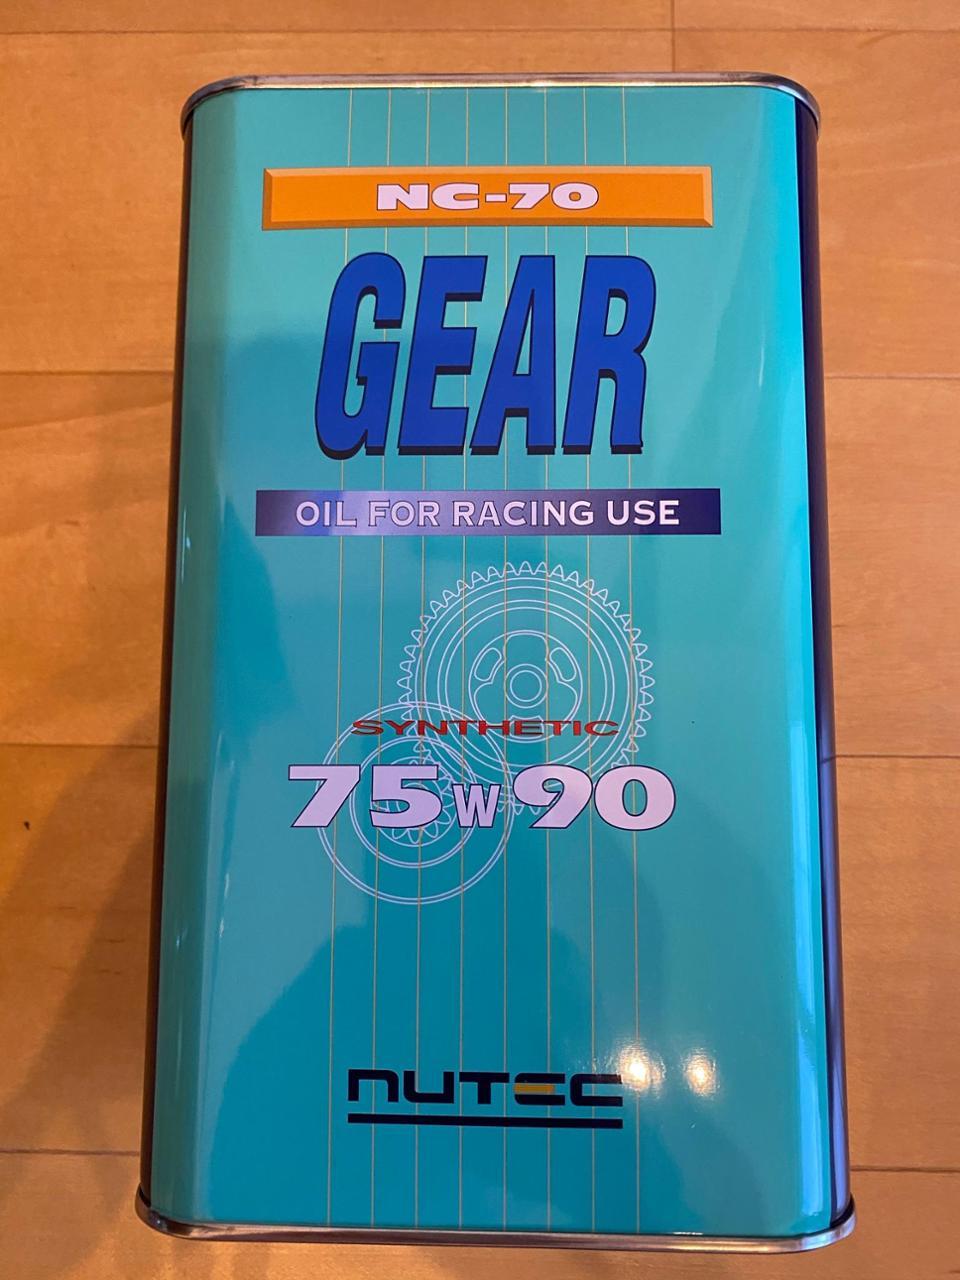 NUTEC NC-70 75W-90